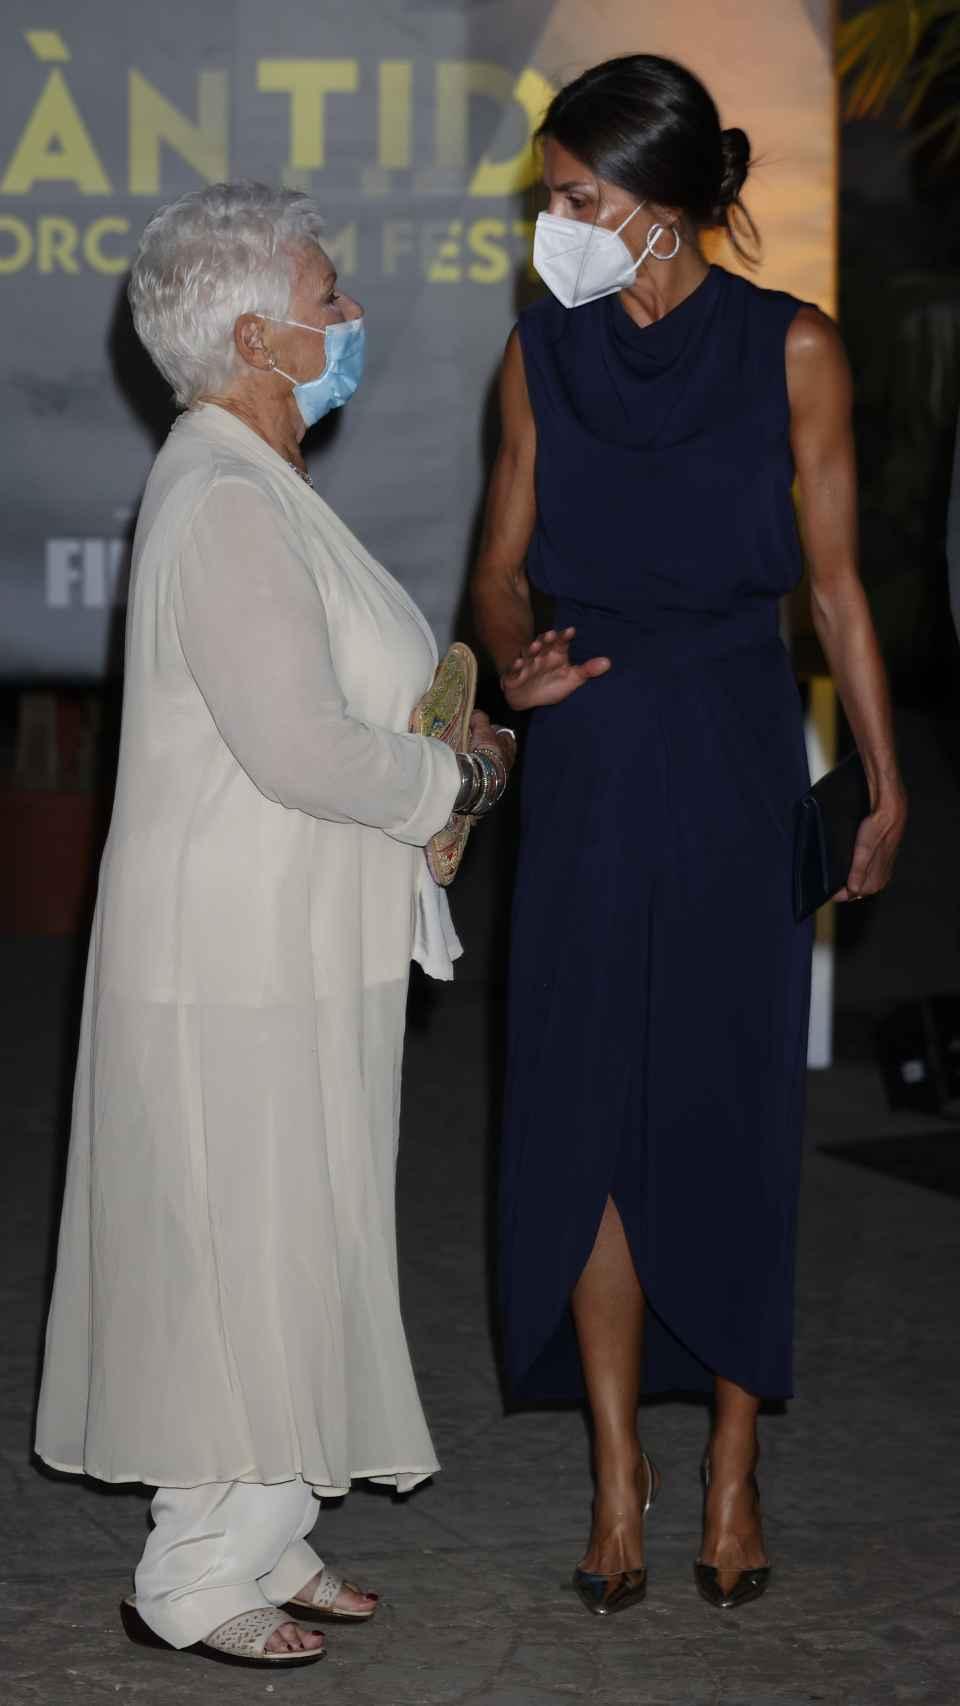 La reina Letizia mostró su admiración por la actriz Judi Dench.